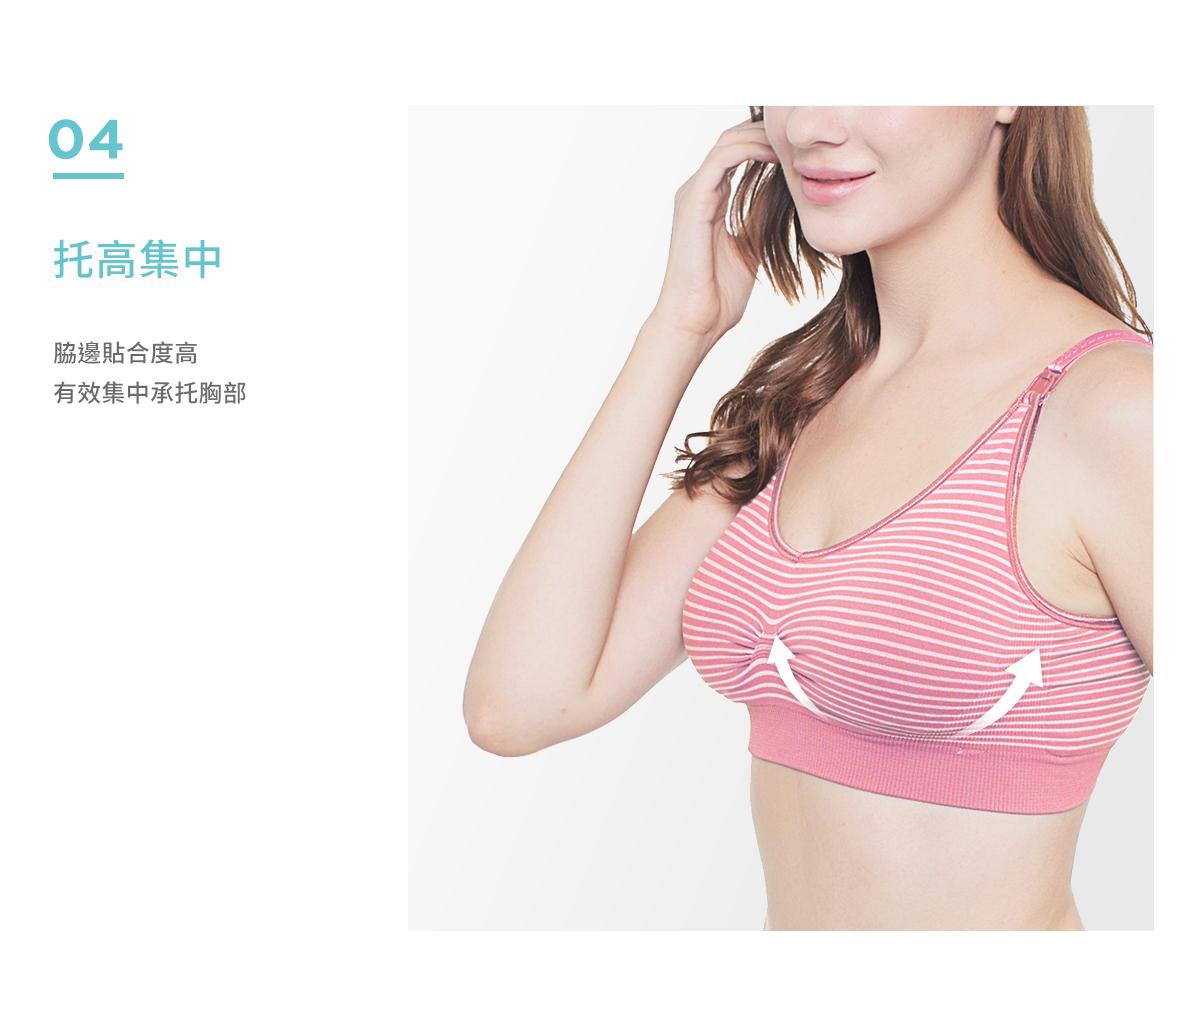 孕哺乳期, 托高集中, 哺乳內衣, 特點, 舒適內衣, 胸部變化, 高彈力無痕孕哺乳胸罩, 有效集中承托胸部